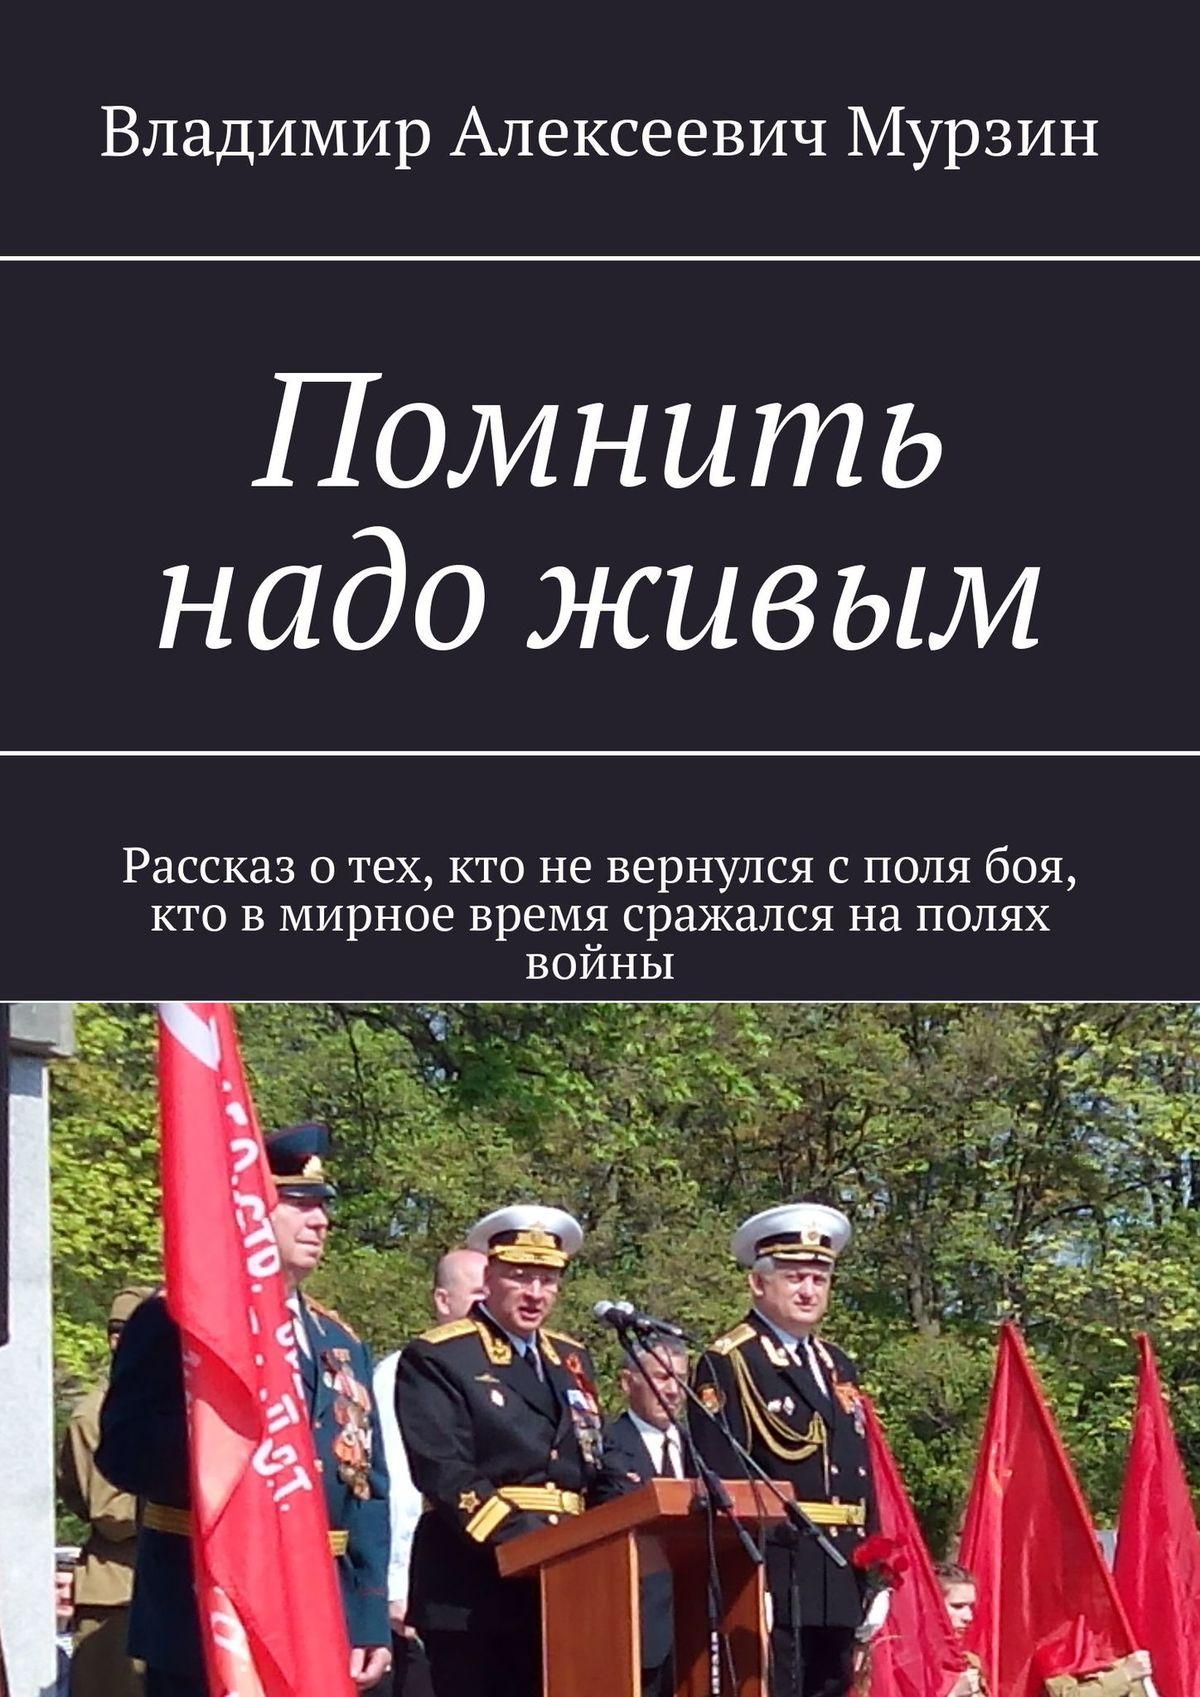 Владимир Алексееевич Мурзин Помнить надо живым владимир алексеевич мурзин всегда в строю живых